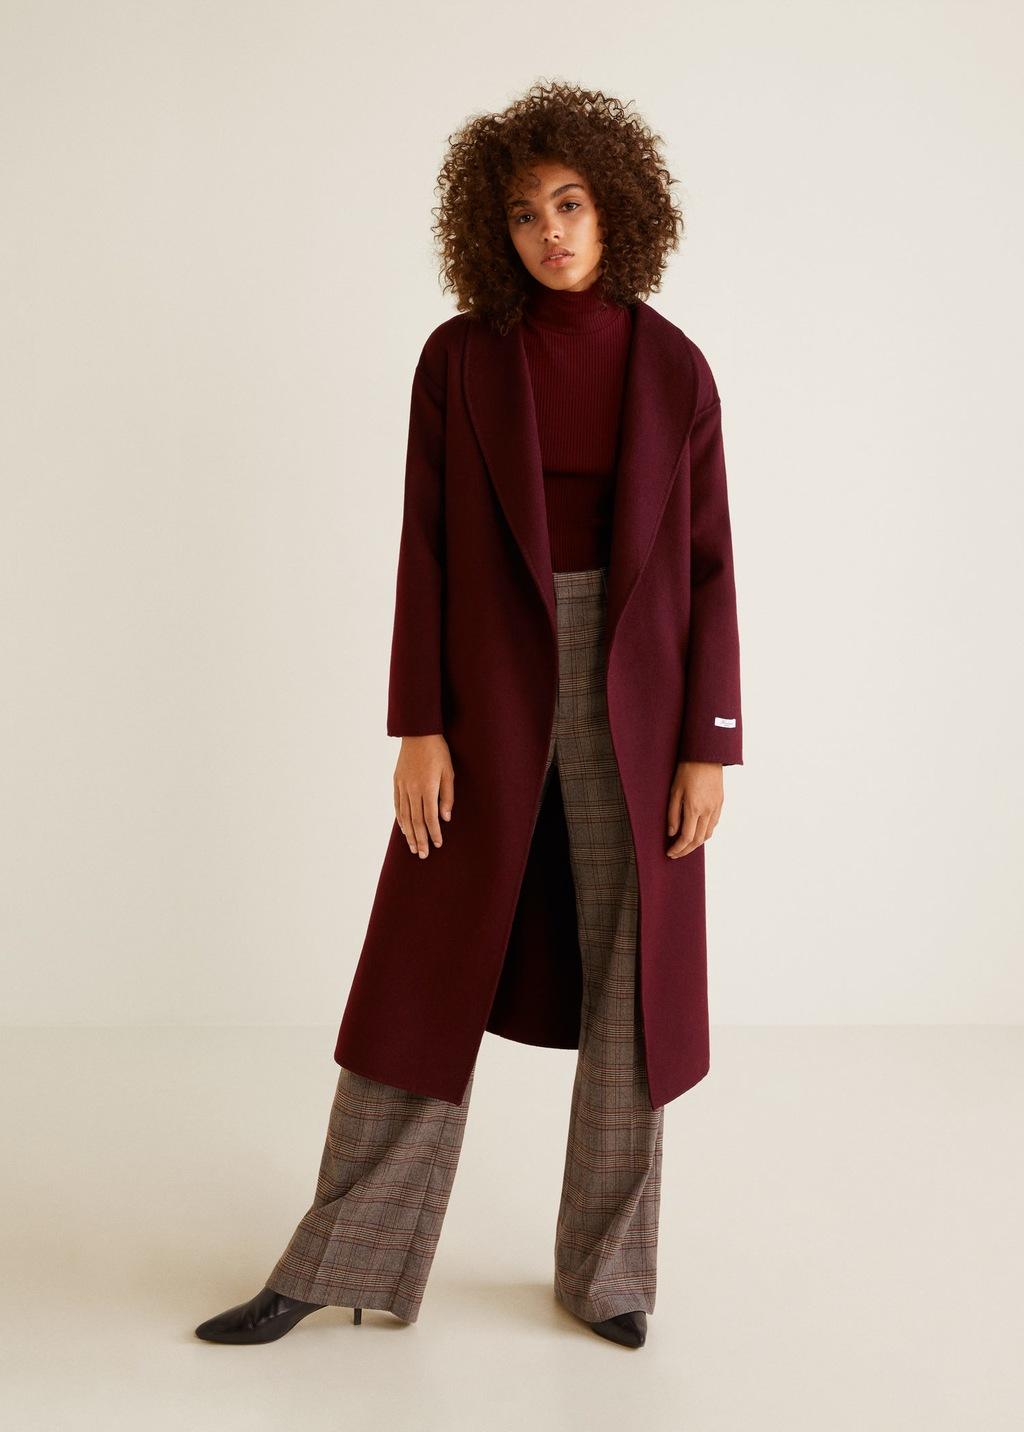 cappotti donna 2018 Mango